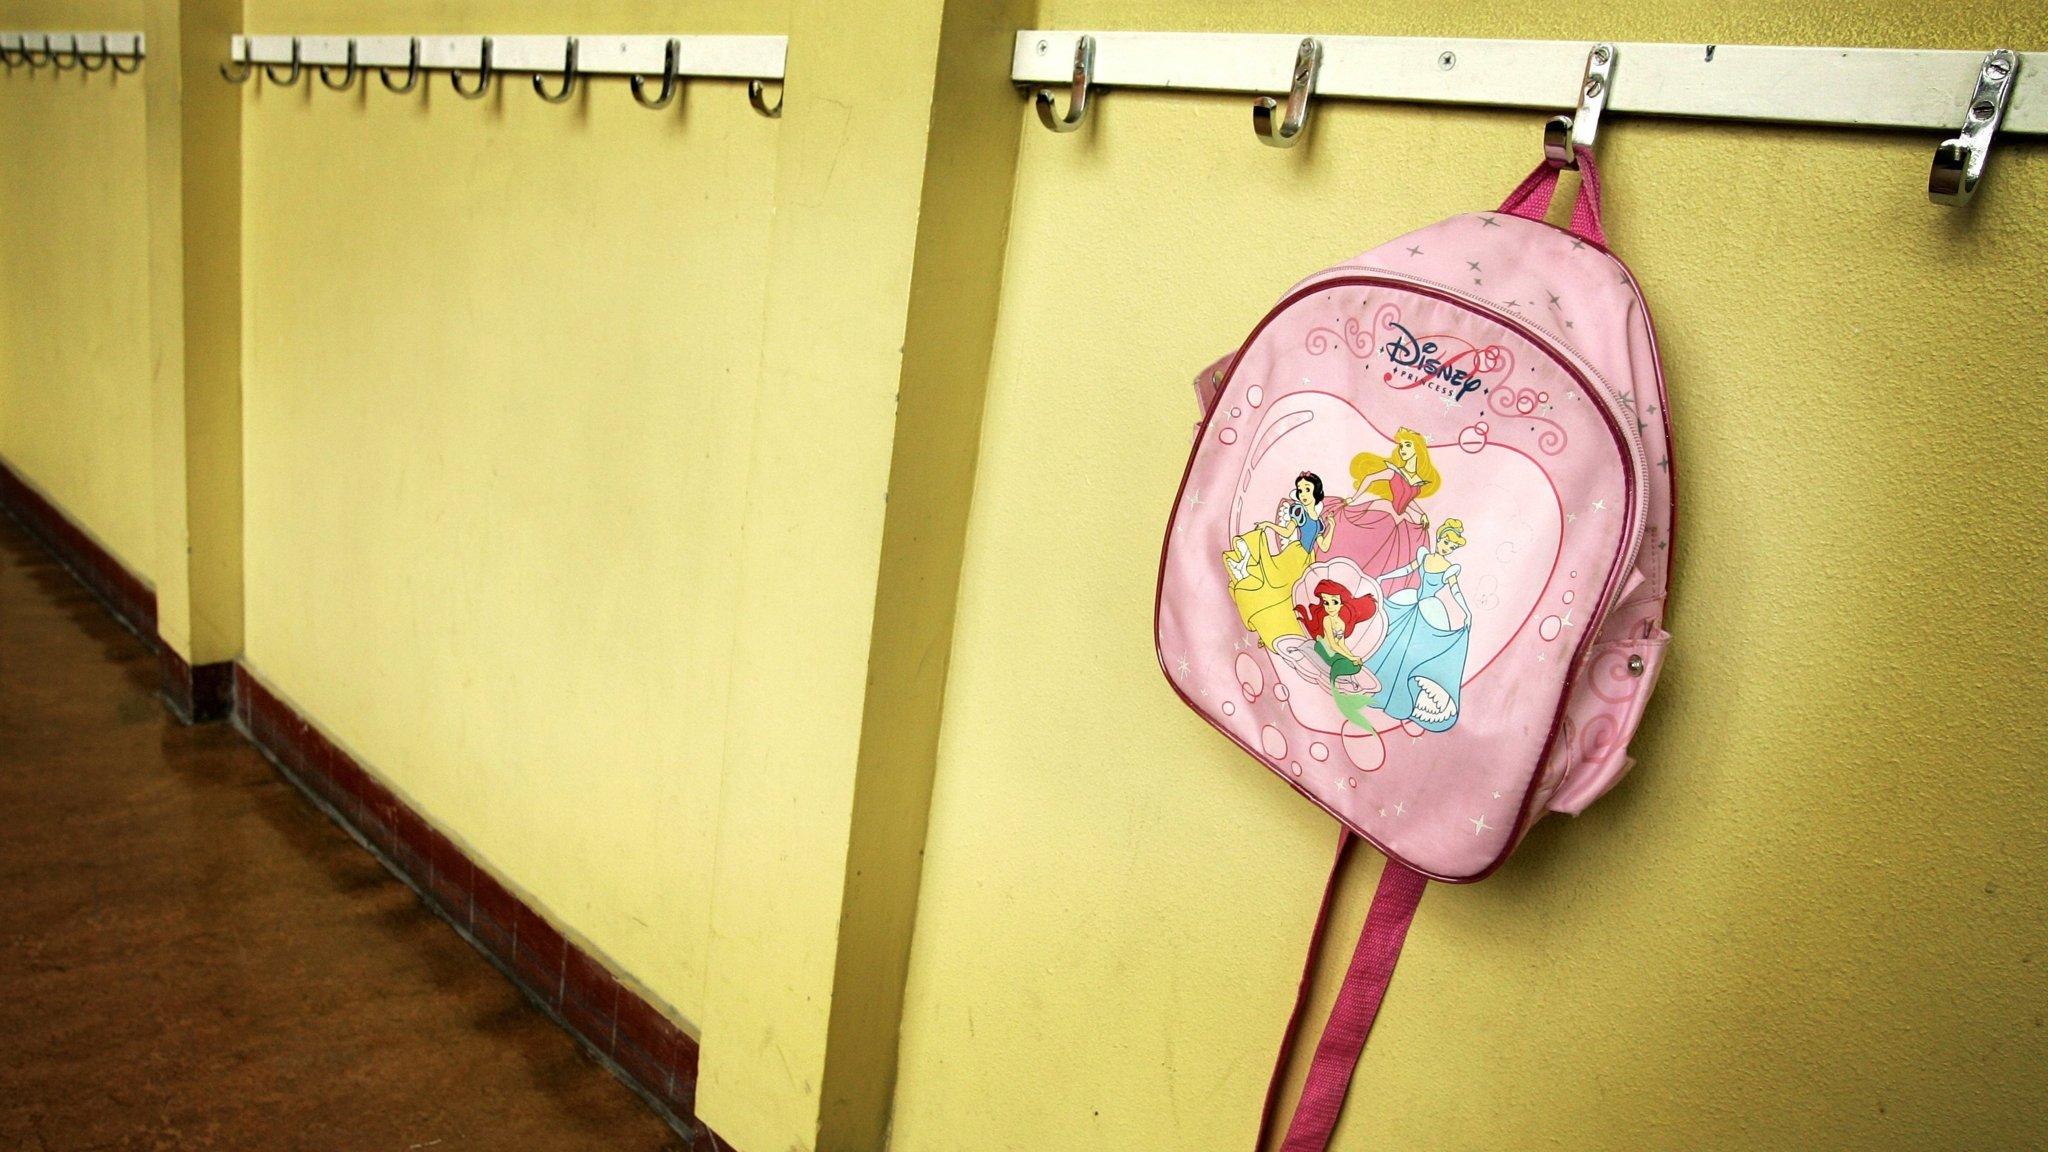 f7e1f9ce16a Kinderombudsman vindt dat passend onderwijs niet werkt | NOS